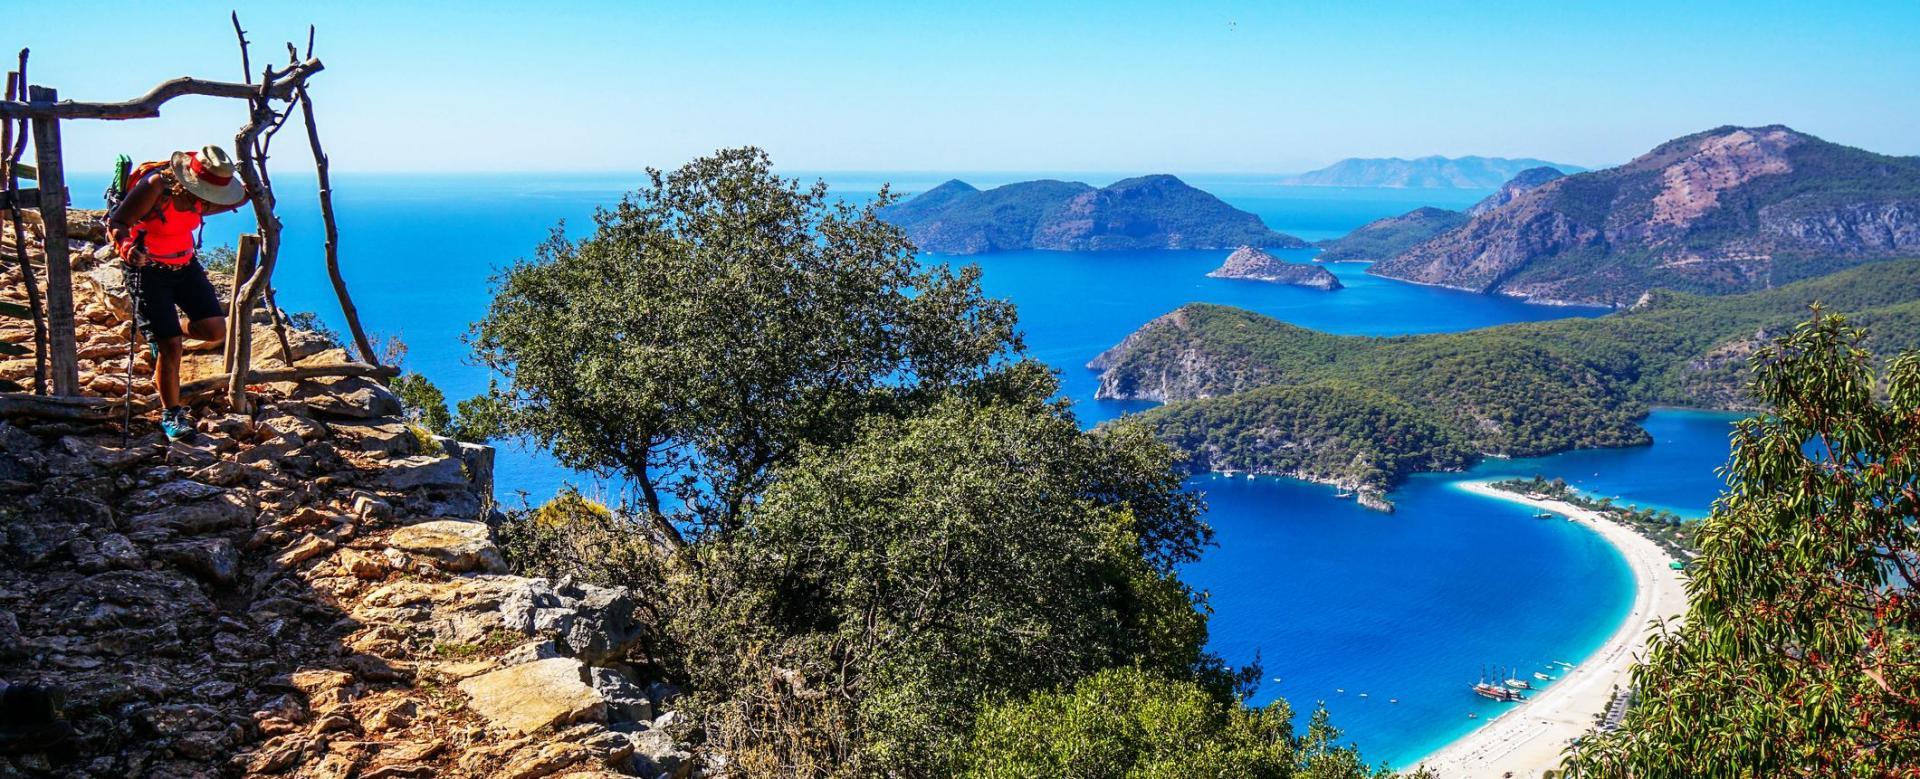 Voyage sur l'eau : Lycian way